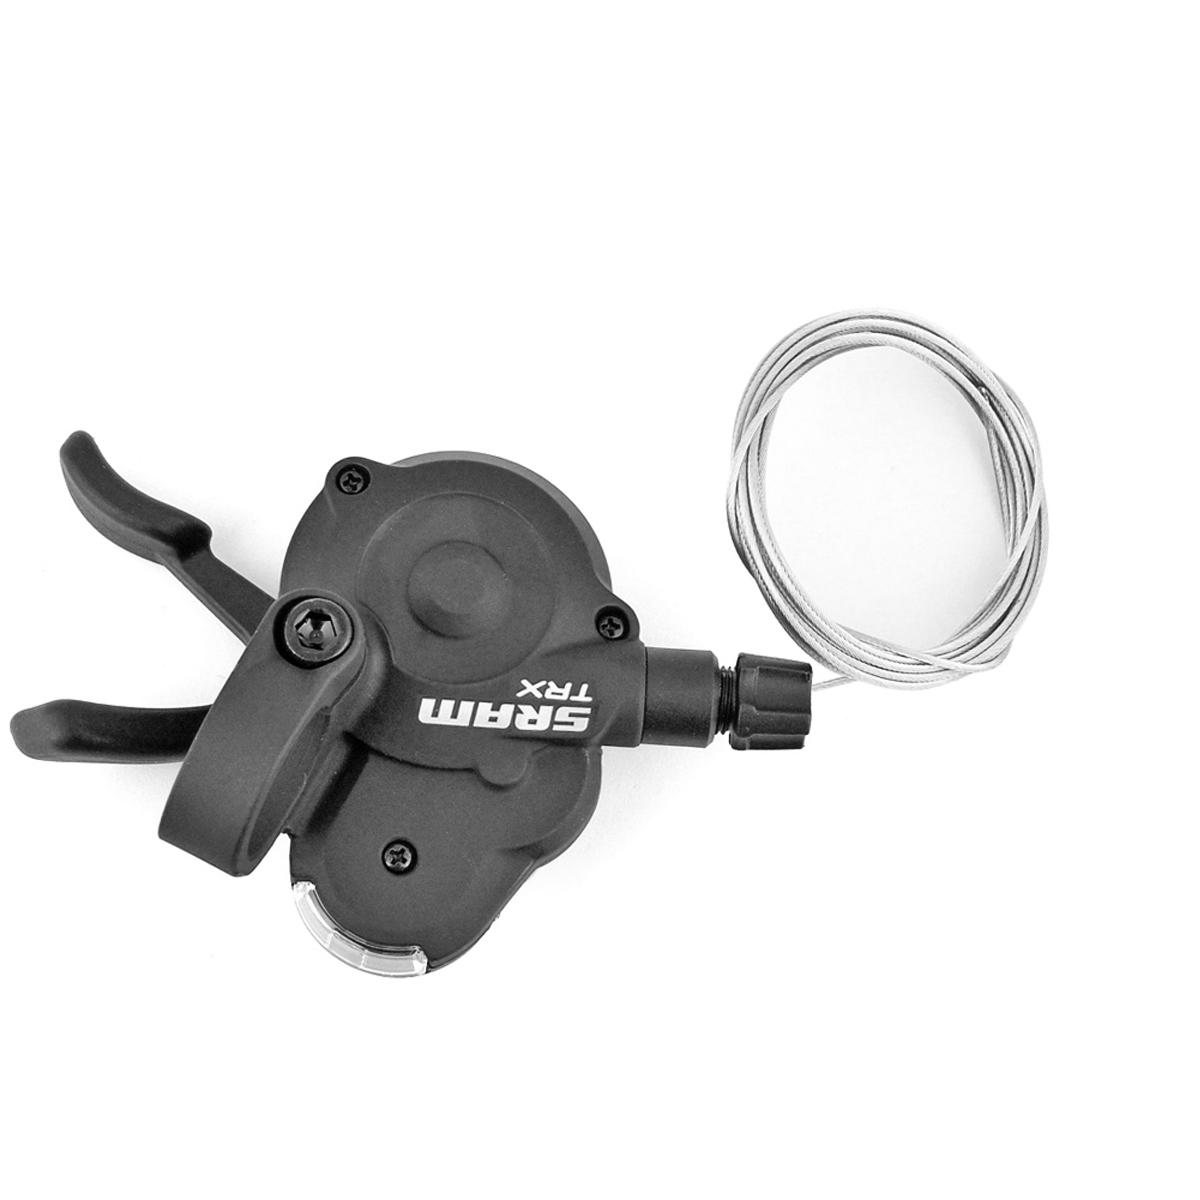 Manette SRAM Trigger TRX 3 vitesses